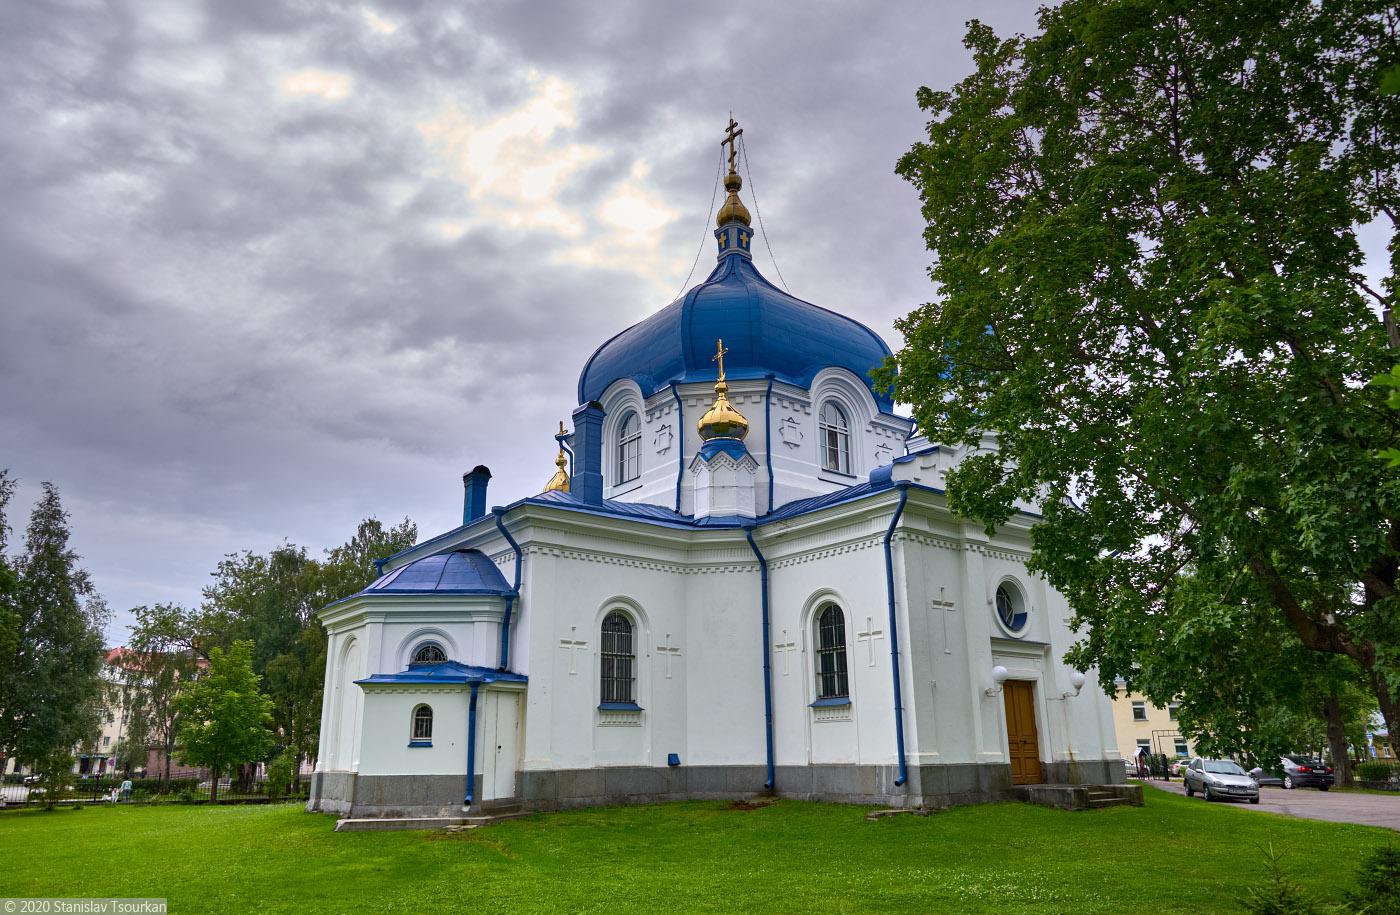 Карелия, республика Карелия, Сортавала, russia, karjala, sortavala, Никольская церковь